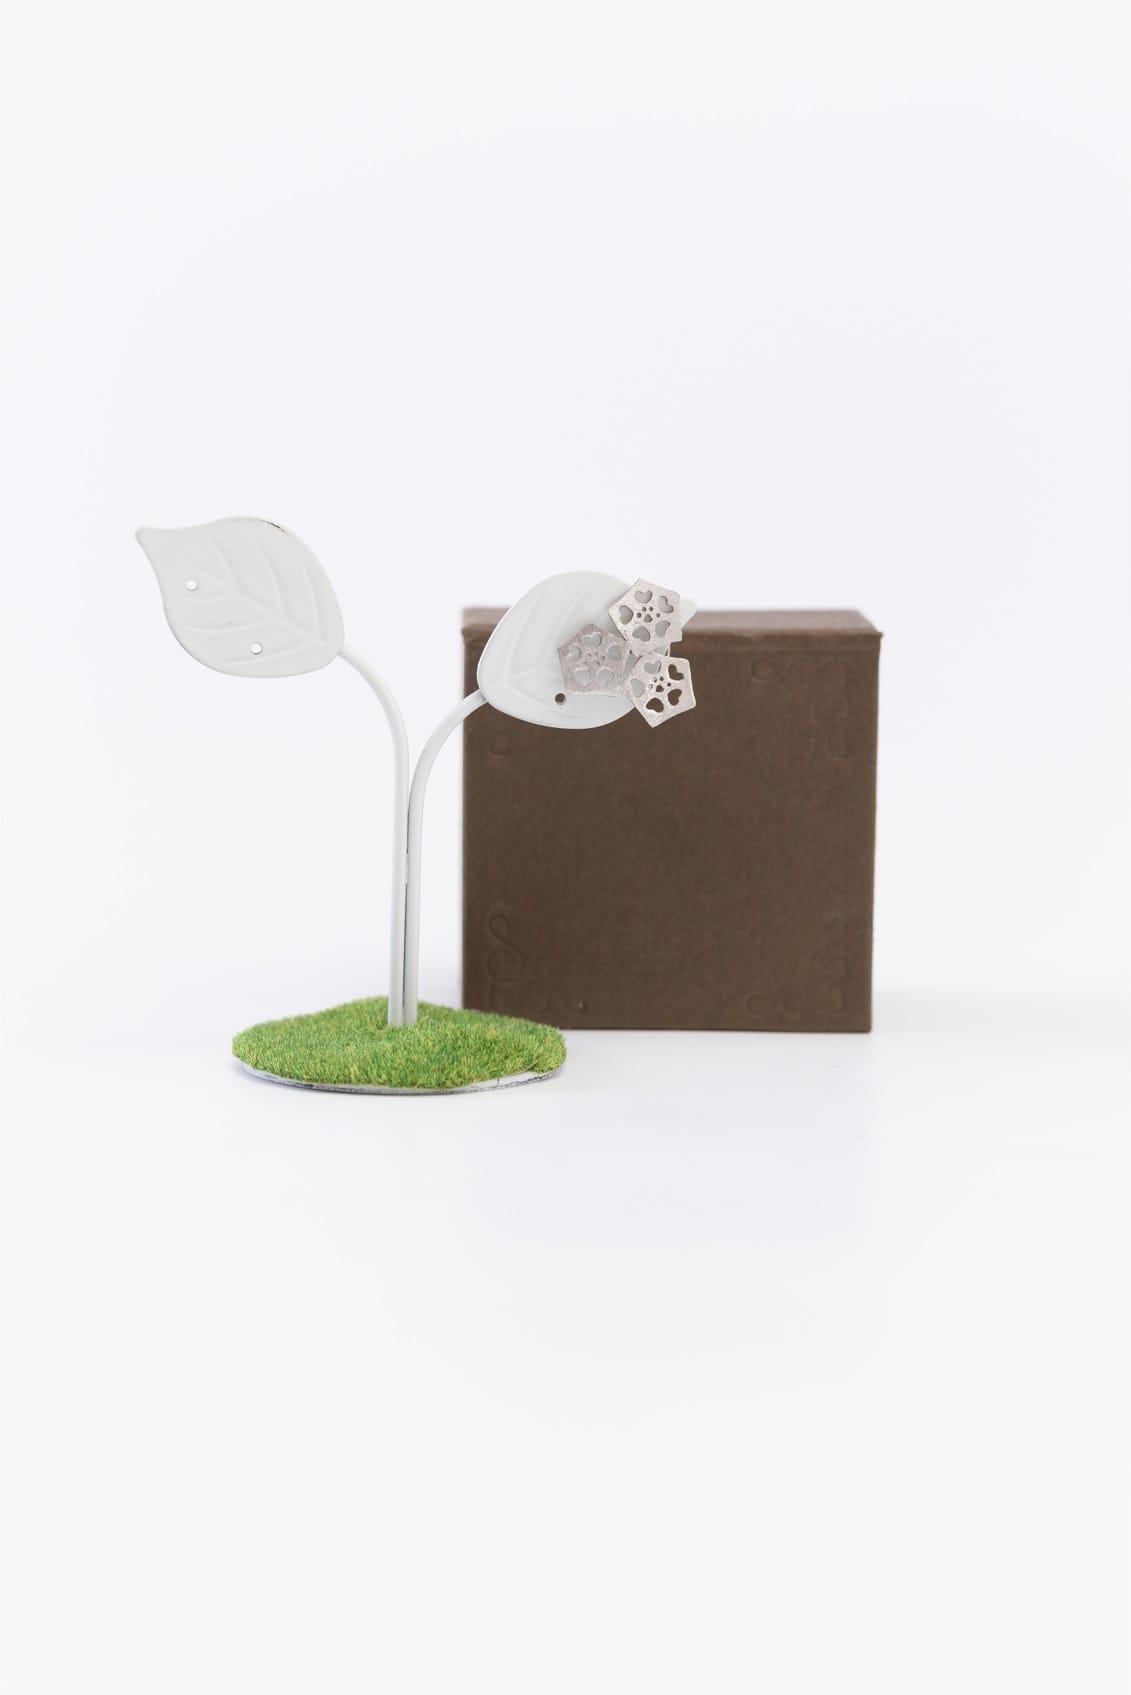 オクラ3個ピンブローチ(銀)箱付きイメージ